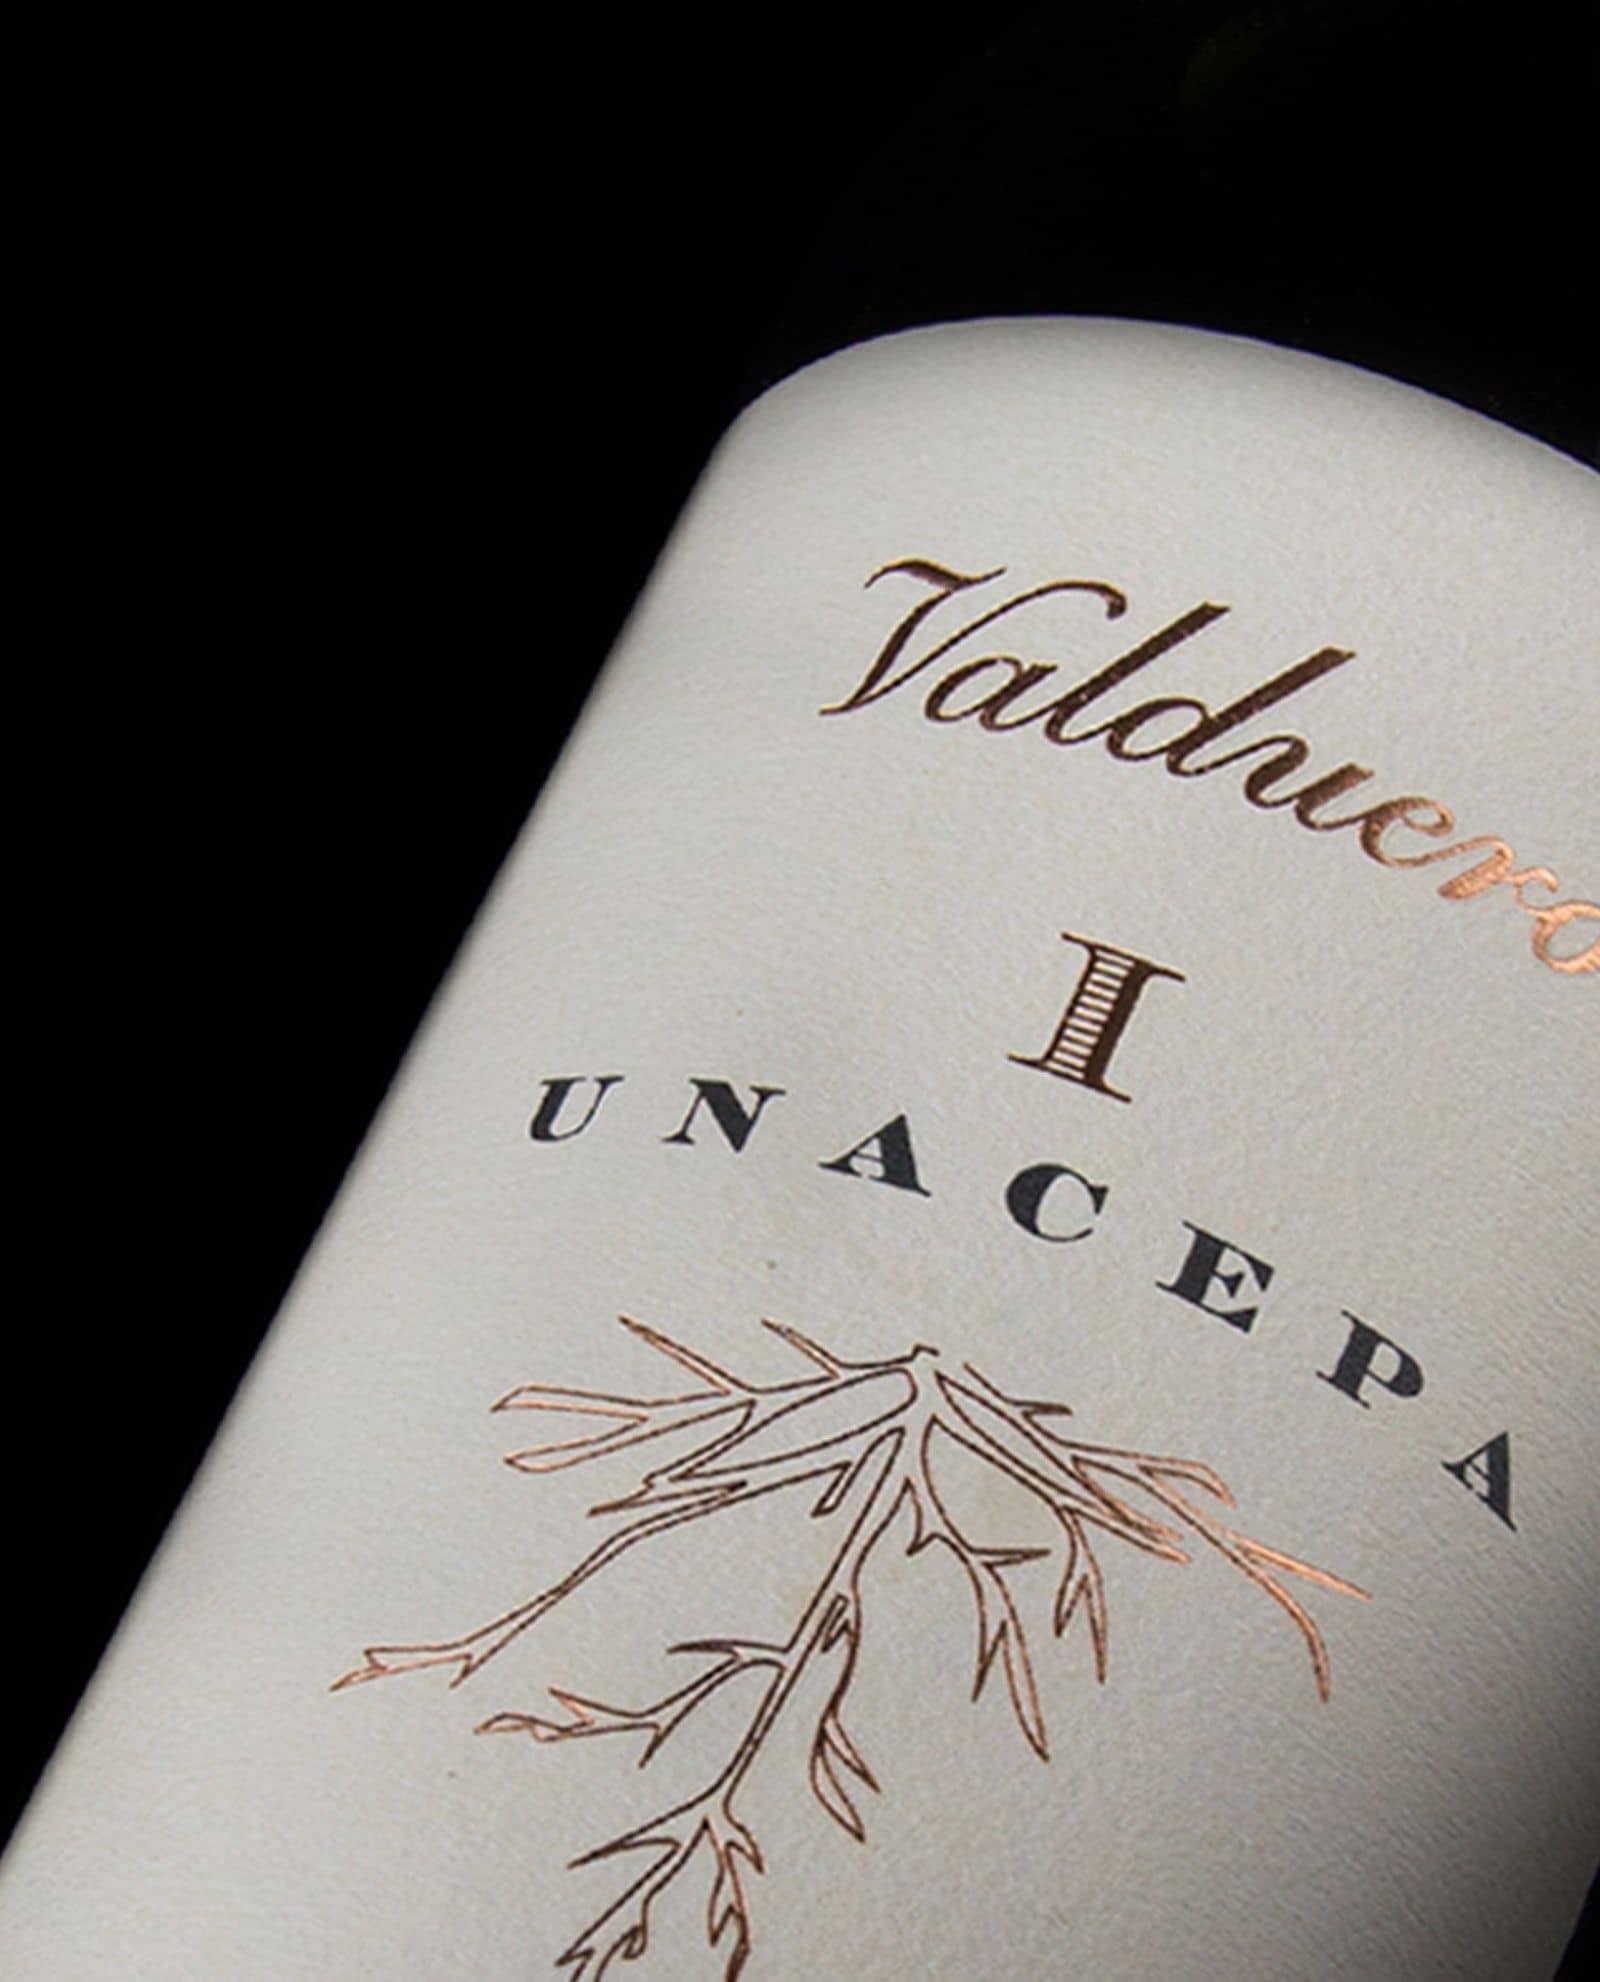 Detalle Valduero una cepa, vino tinto de la Ribera del Duero